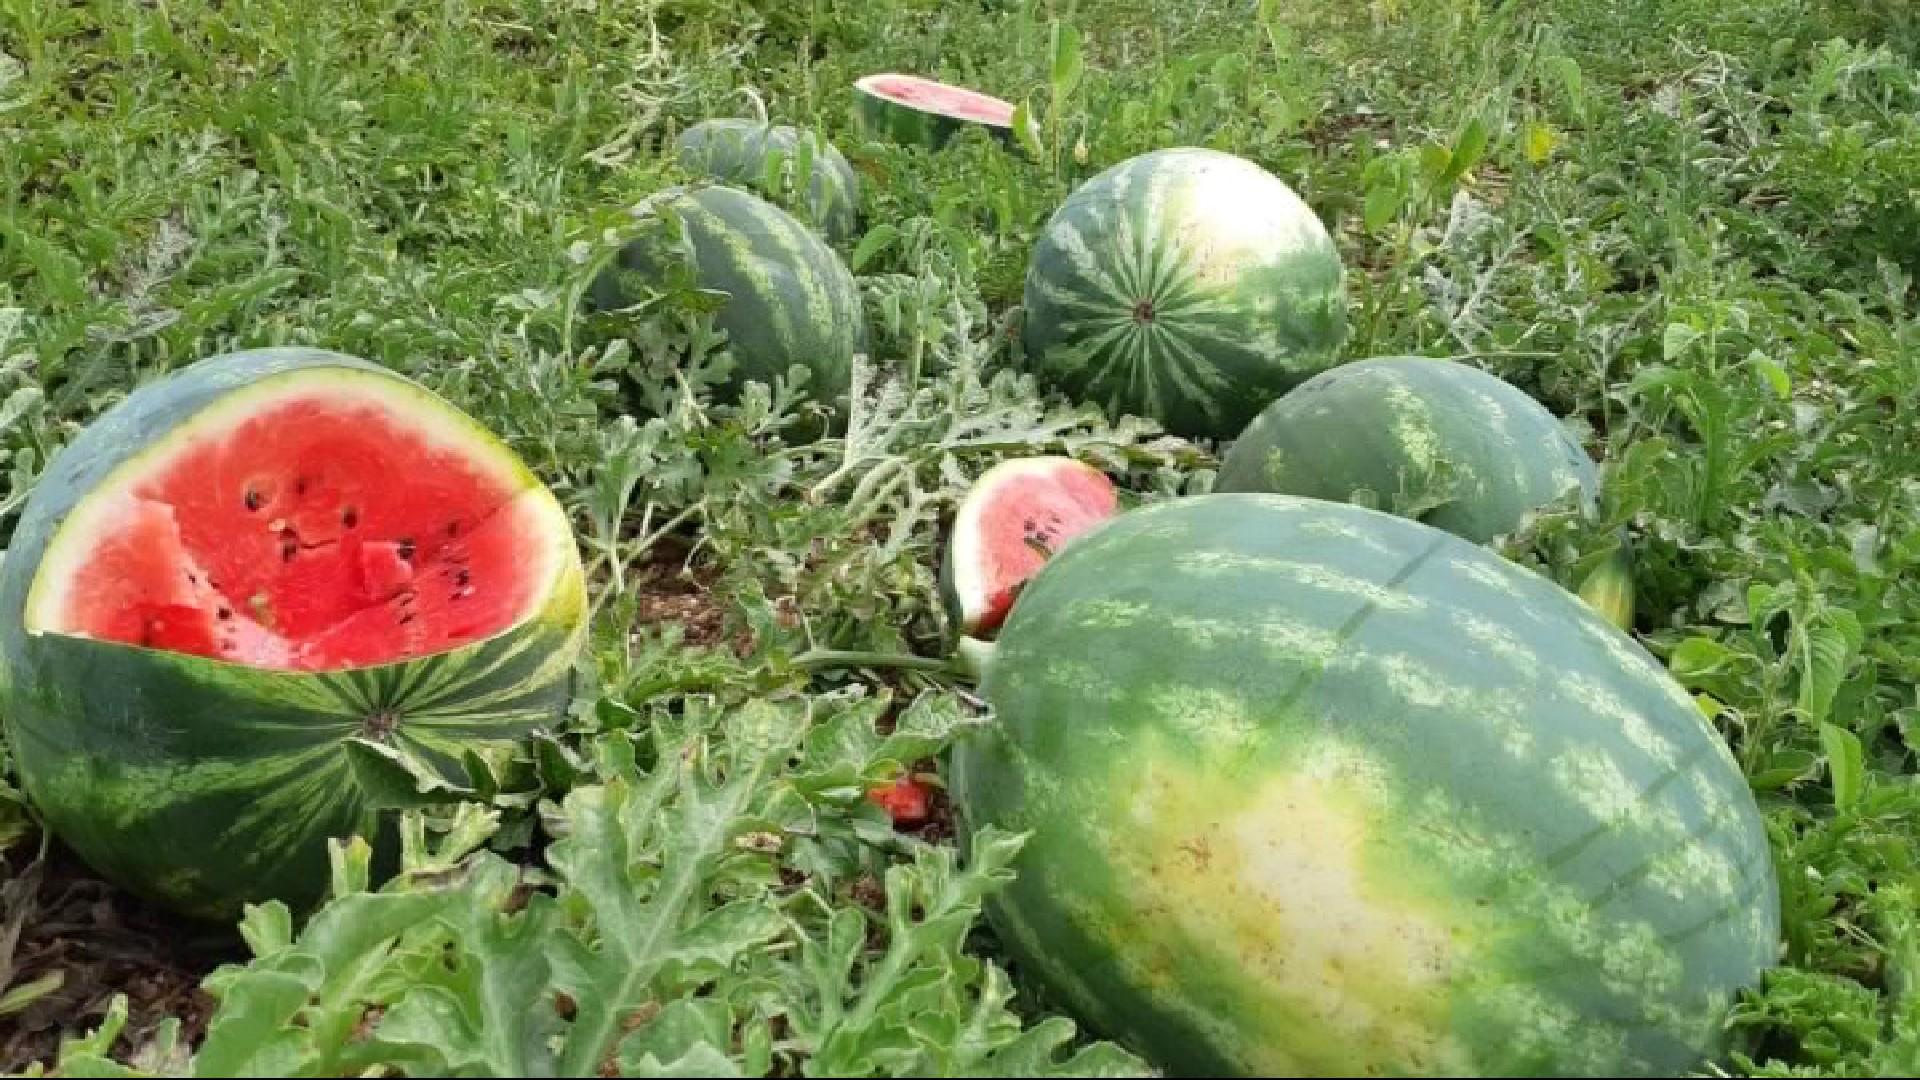 Mala+temporada+de+s%C3%ADndries+i+melons+per+la+caiguda+de+les+vendes